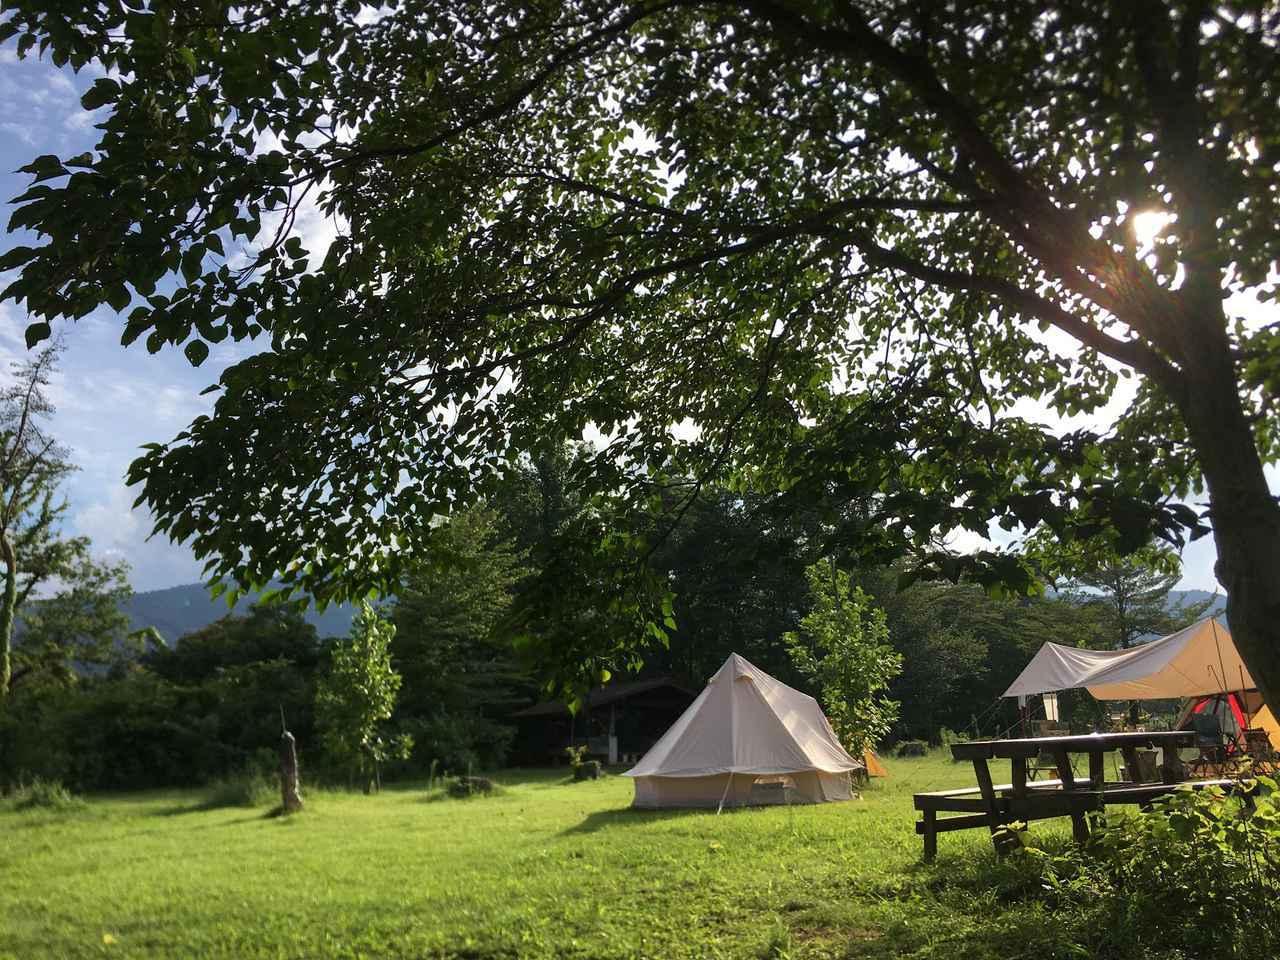 画像: 【レビュー】ノルディスクのワンポールテント「アスガルド7.1」は2人キャンプにおすすめ! - ハピキャン|キャンプ・アウトドア情報メディア